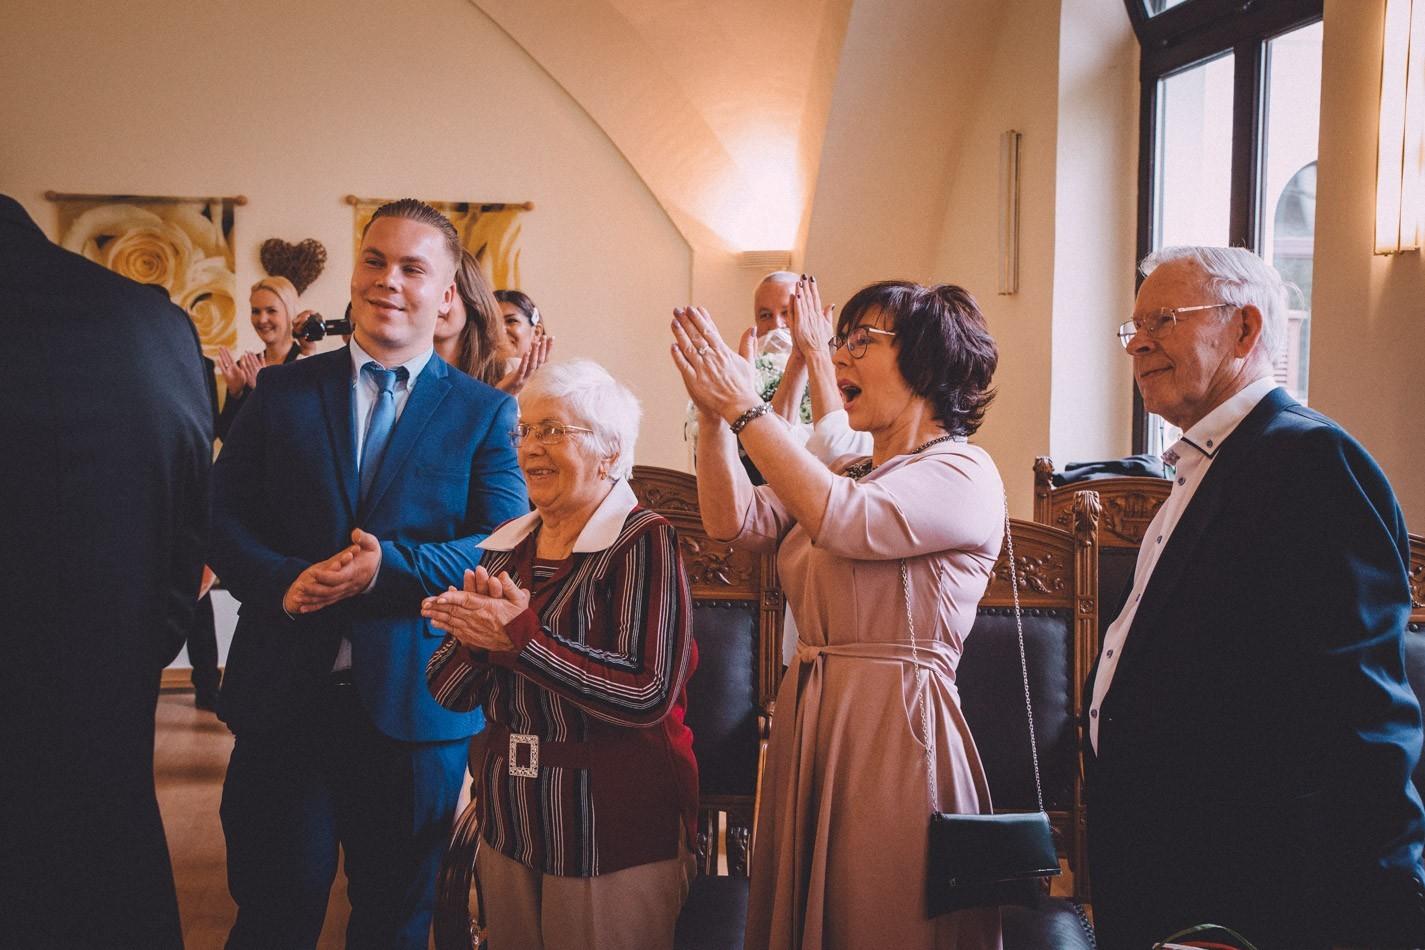 Hochzeitsgäste in Altonaer Rathaus